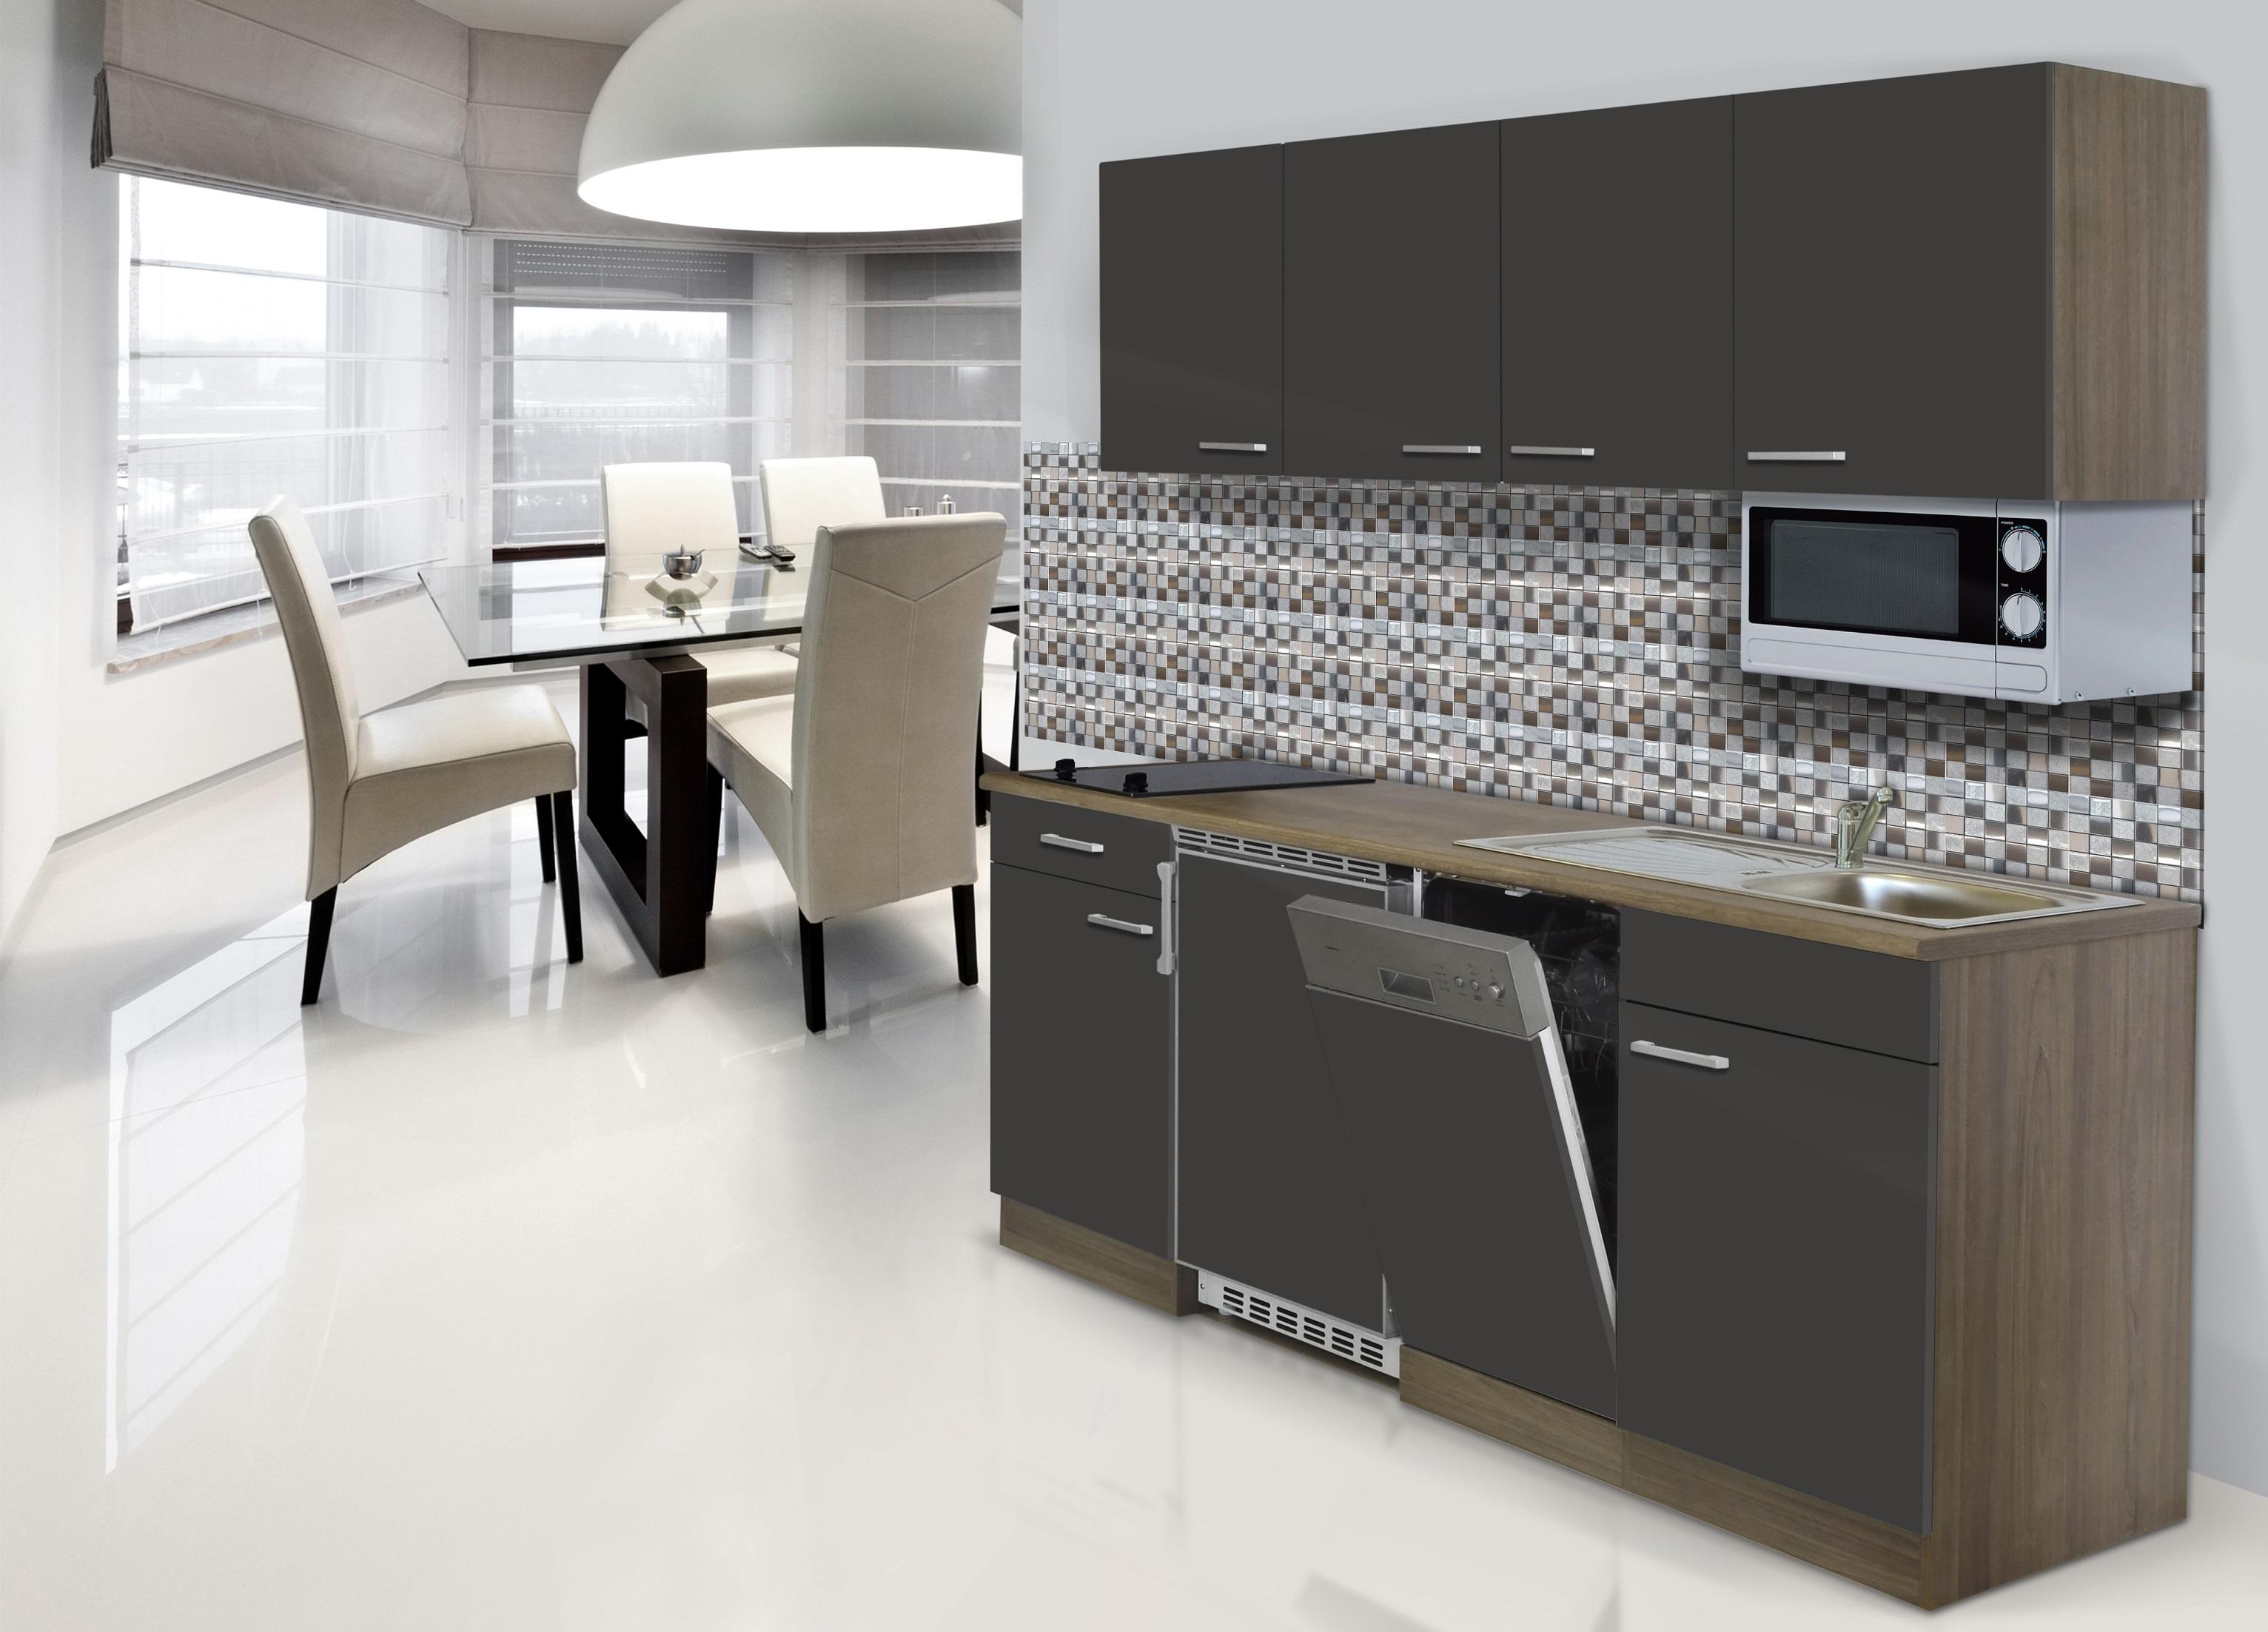 Dettagli su Cucina,Angolo Cucina,Blocco Cucina,Cucina Componibile Singolo  195 cm Rovere York